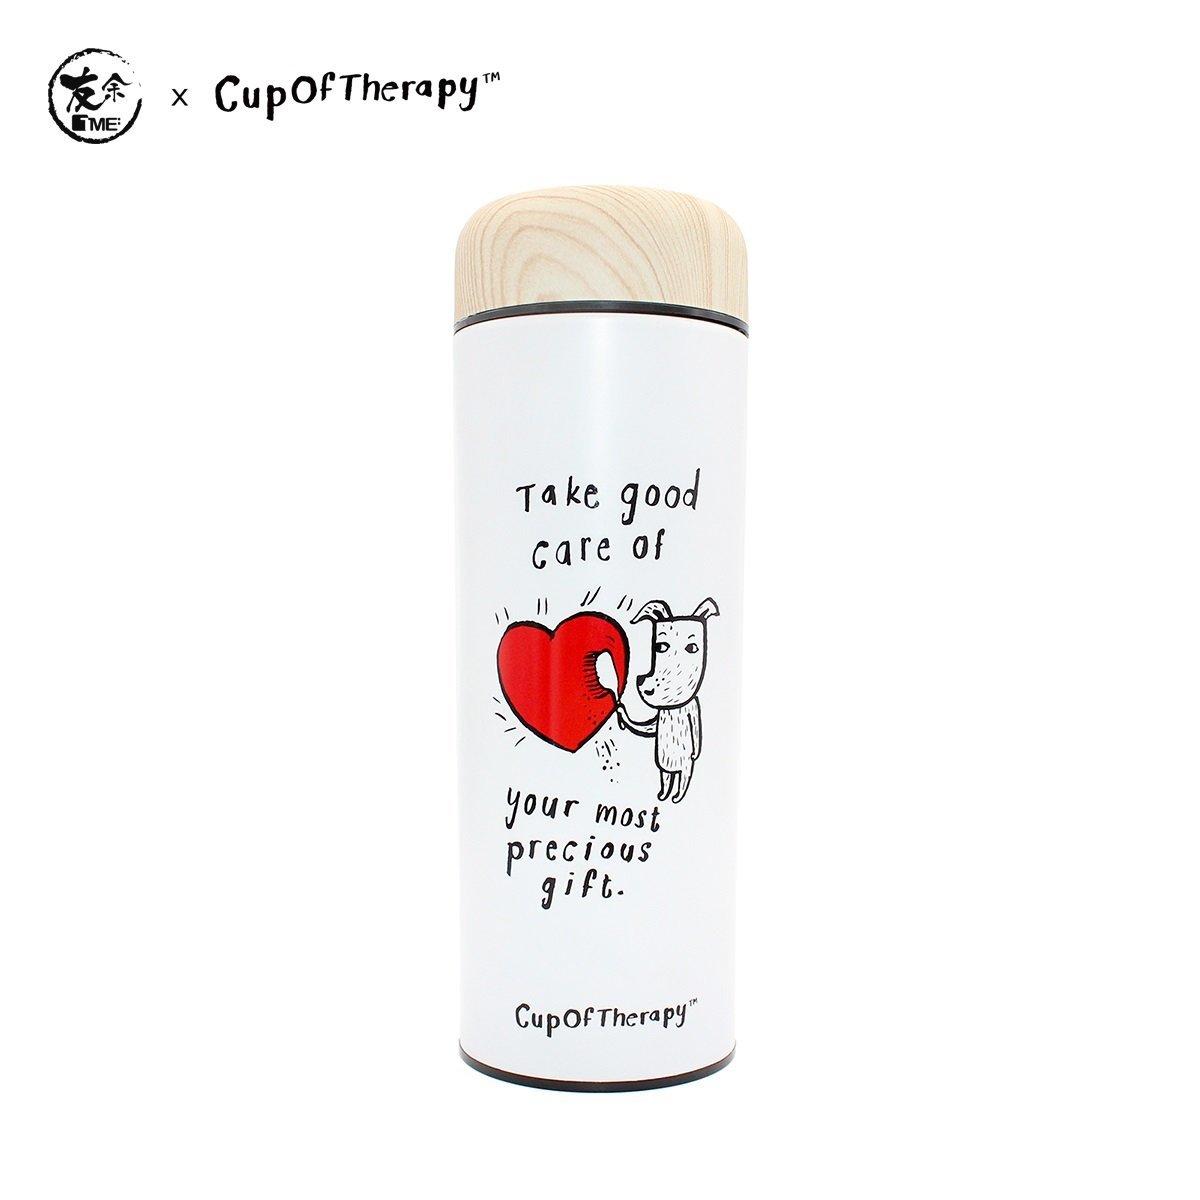 友余 x Cup Of Therapy 紫砂養生瓶300毫升 - 寶貴